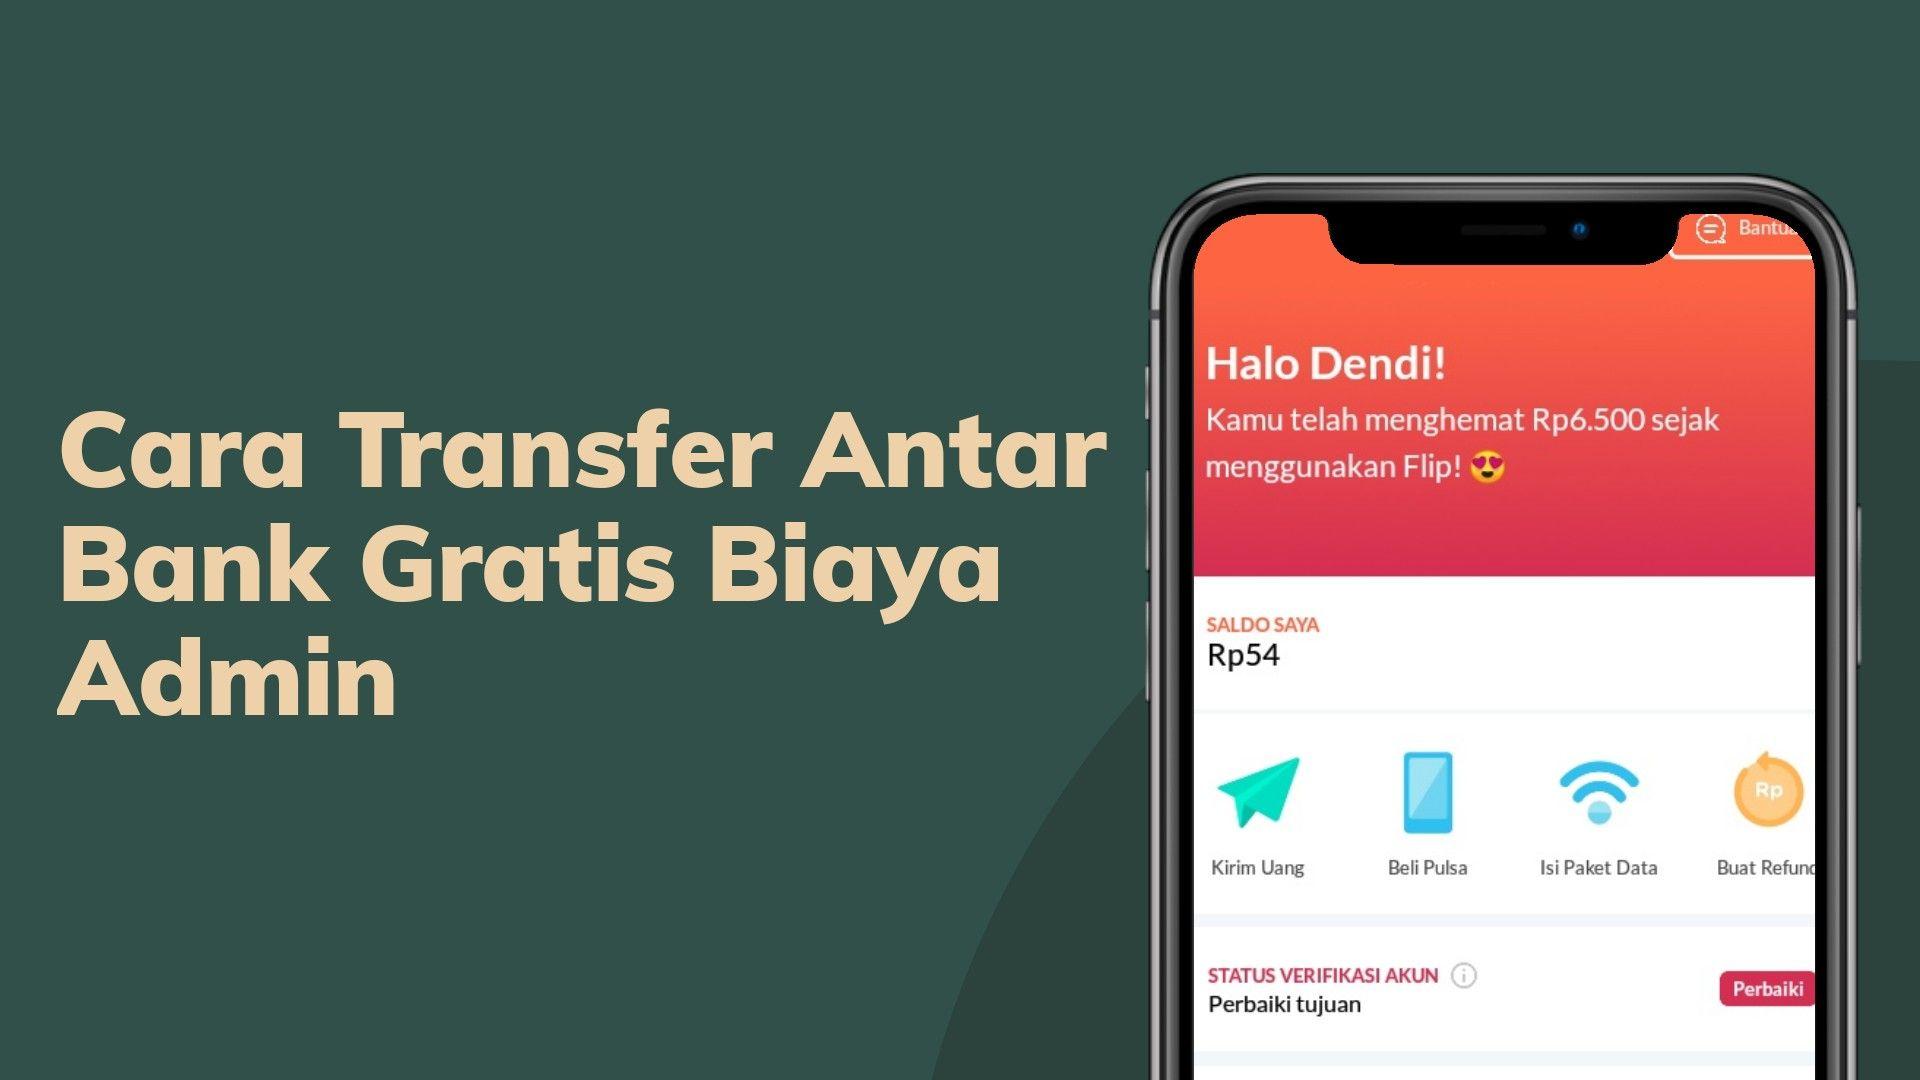 5 Aplikasi Transfer Antar Bank Gratis Tanpa Biaya Admin Uang Hemat